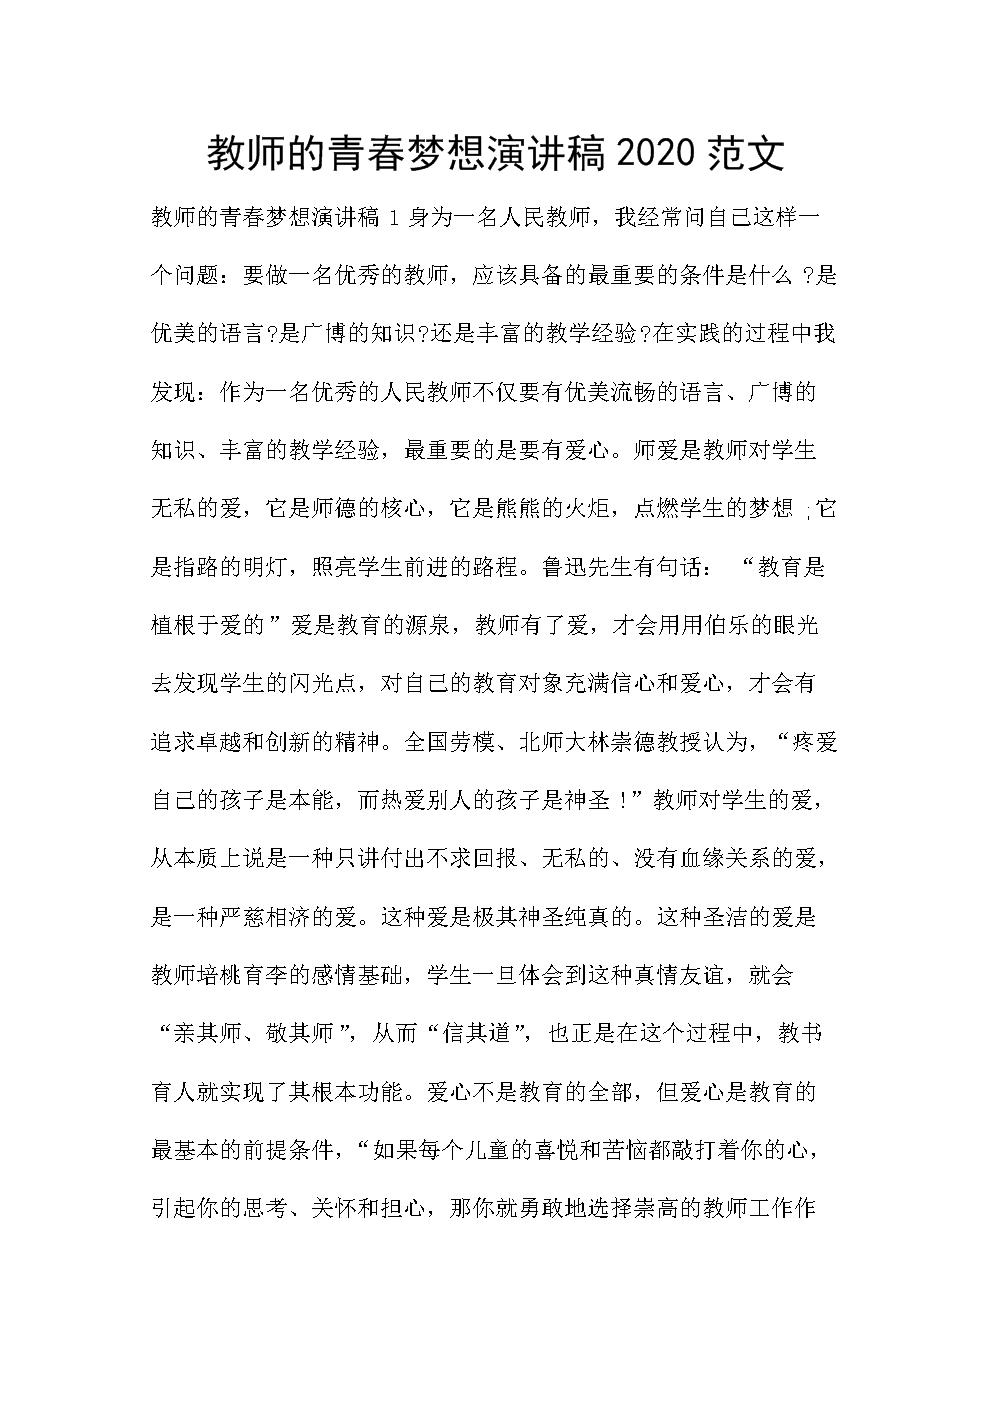 教师的青春梦想演讲稿2020范文.doc